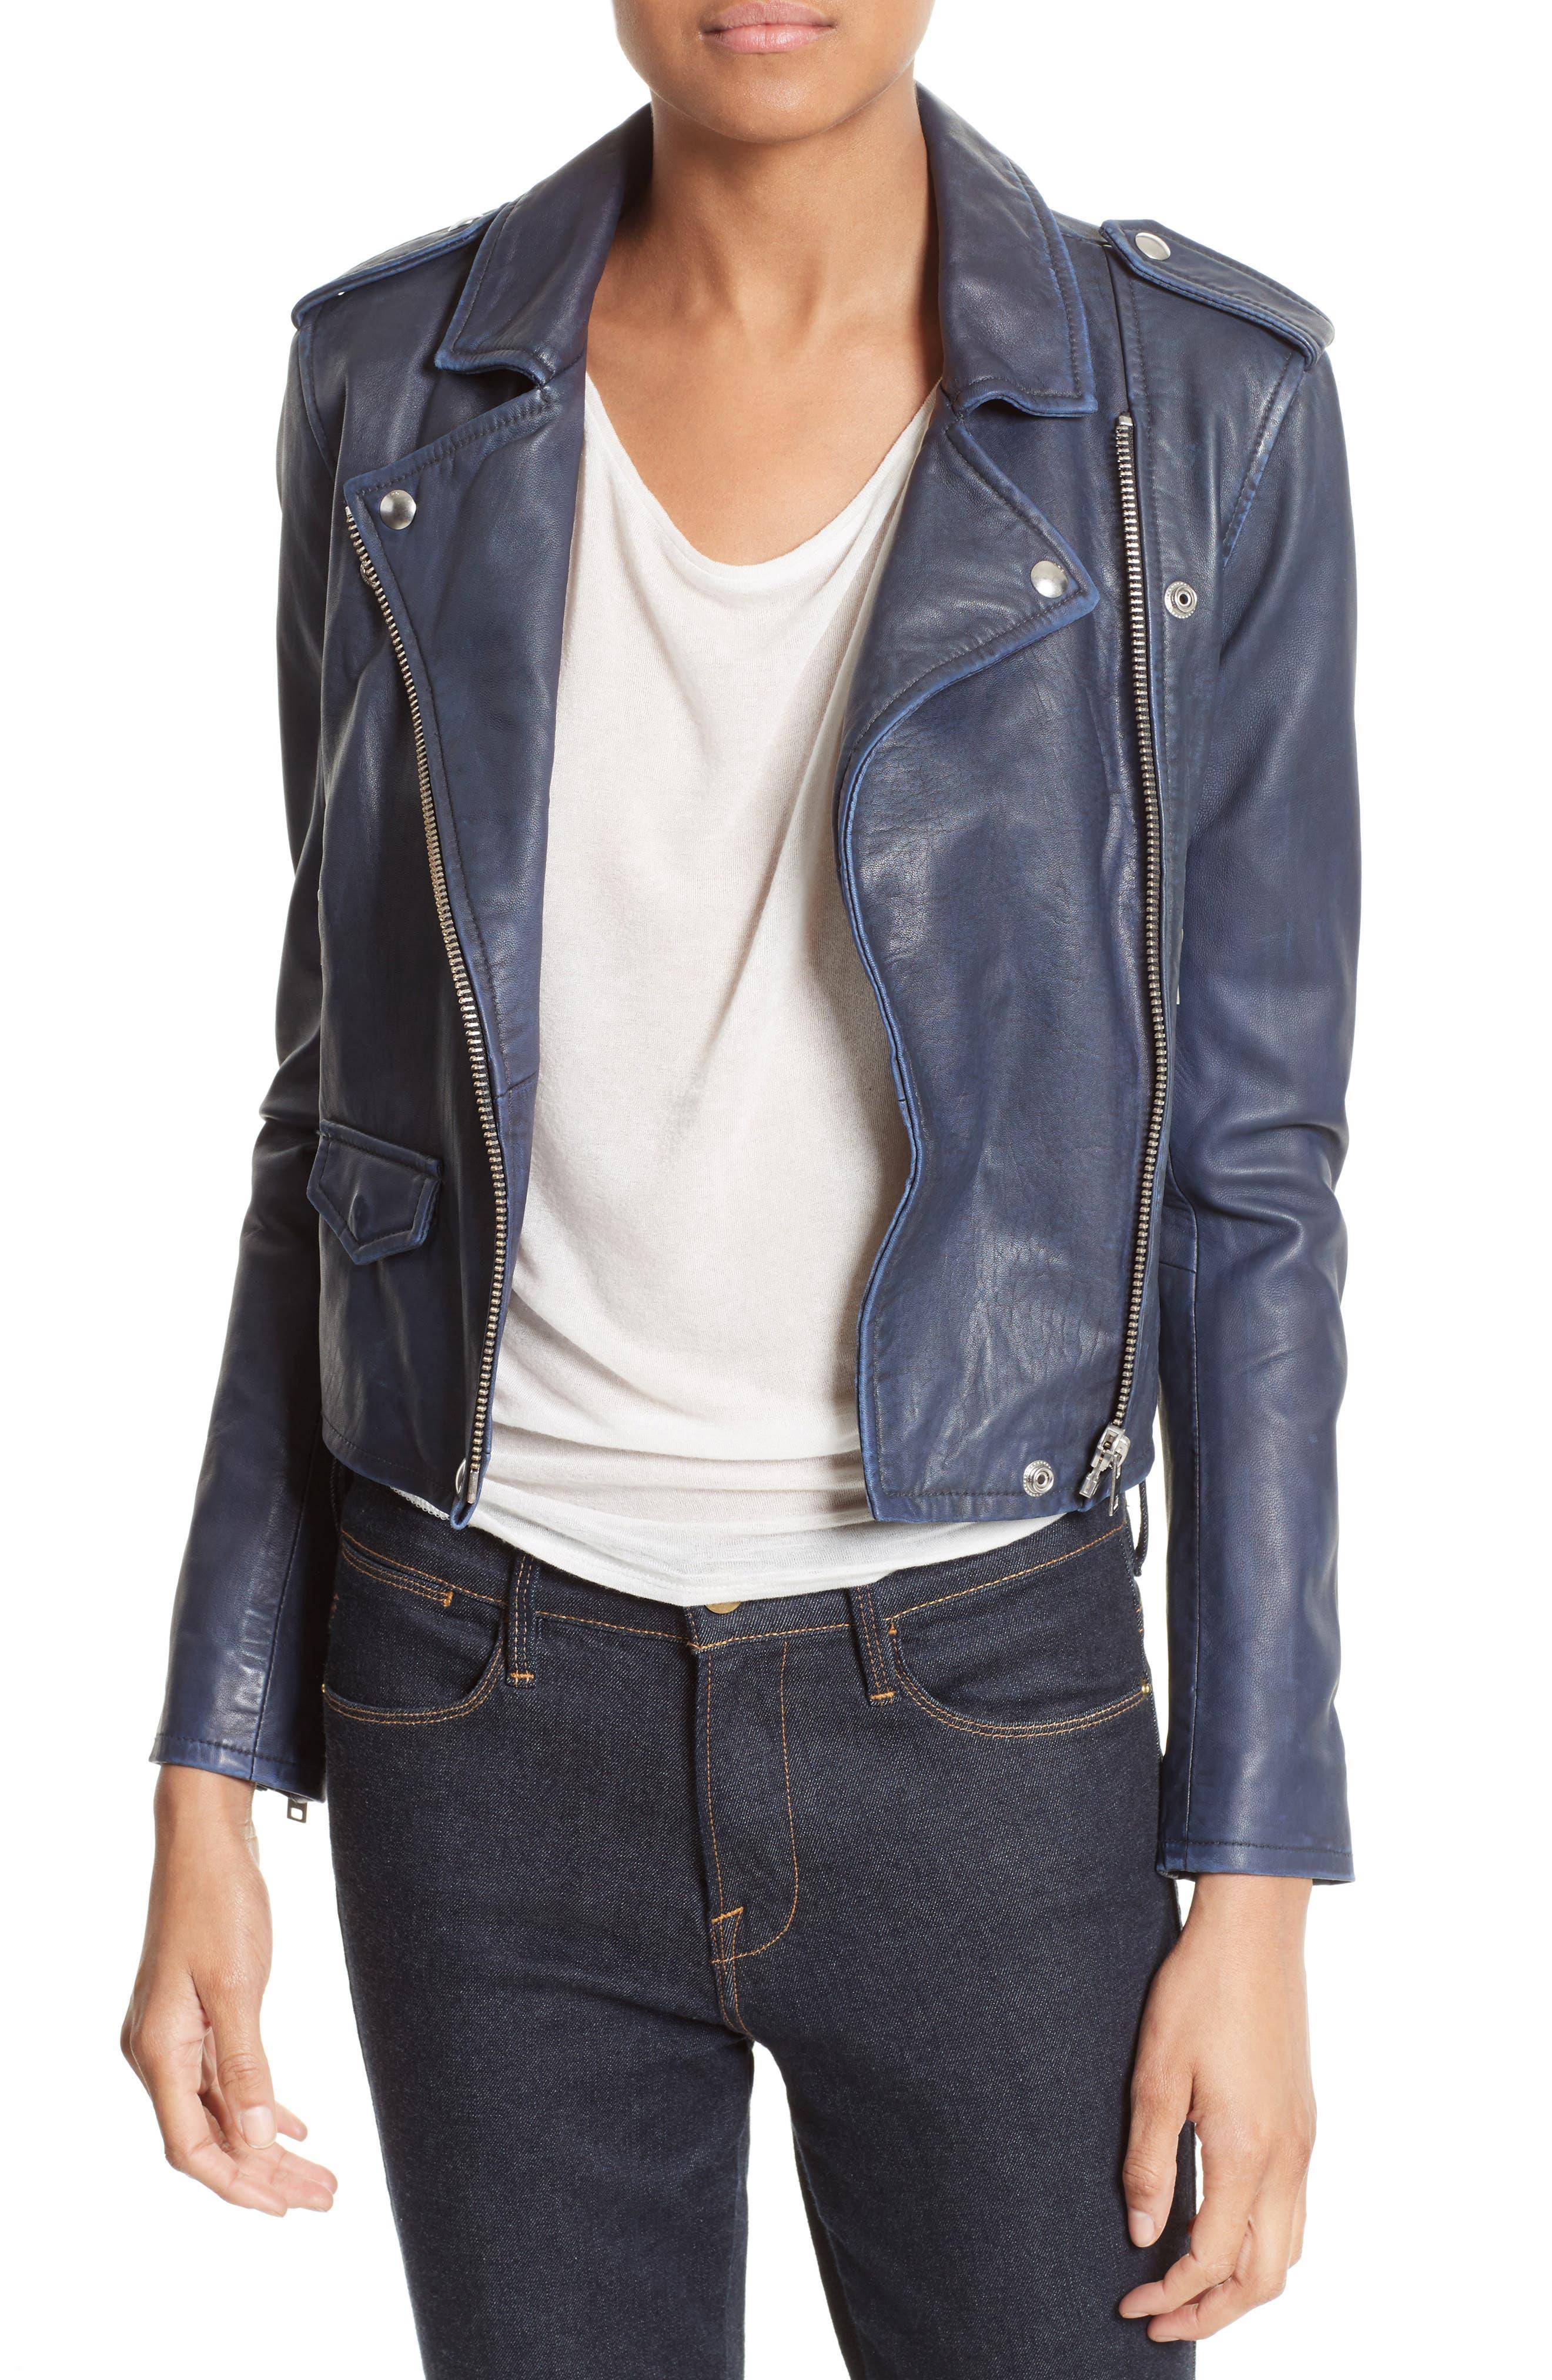 Alternate Image 1 Selected - IRO 'Ashville' Leather Jacket